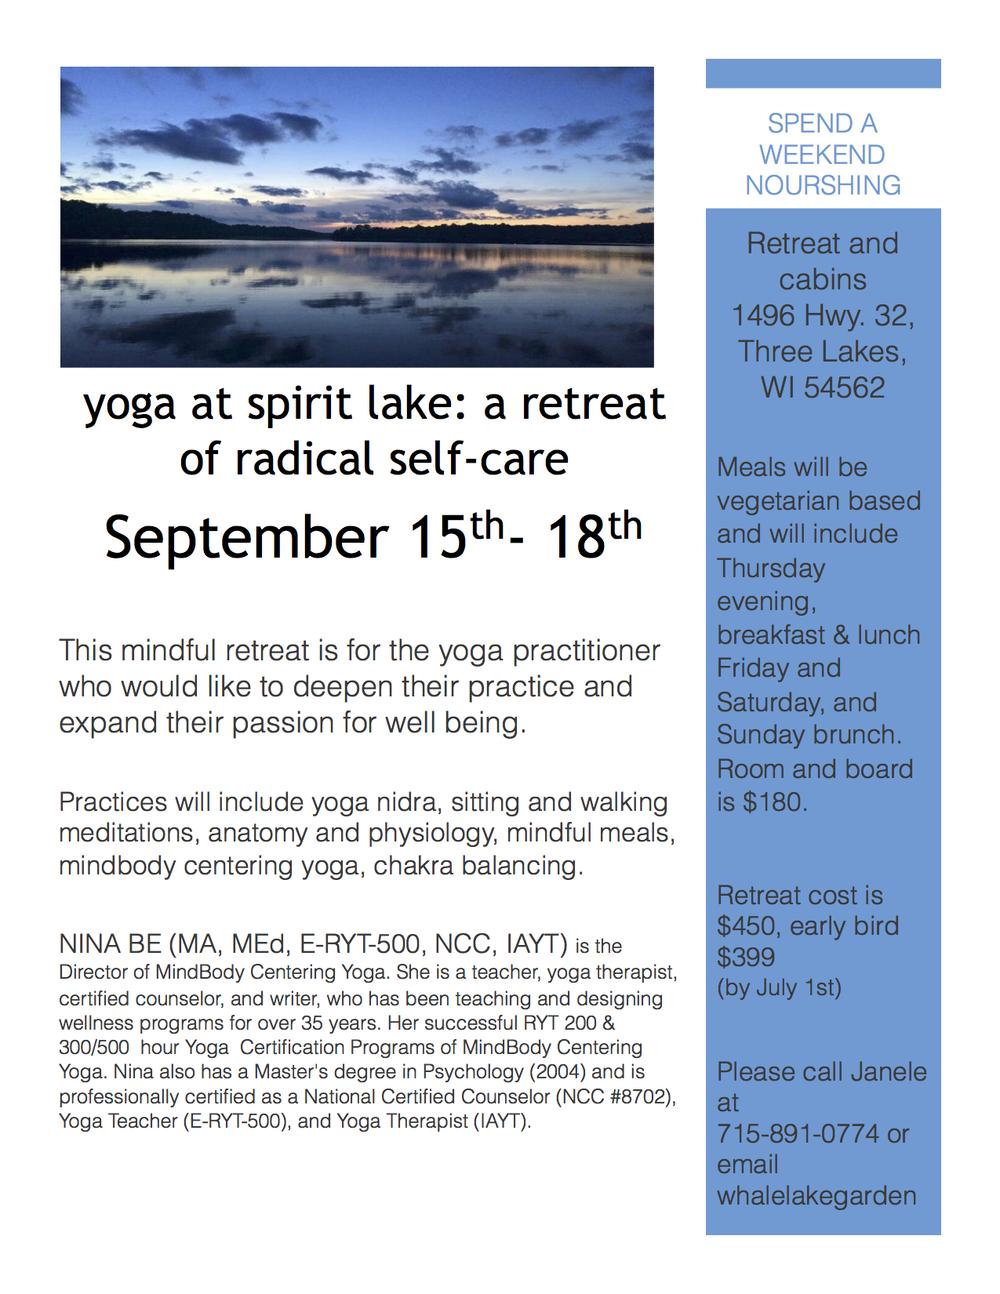 Yoga retreat at spirit lake